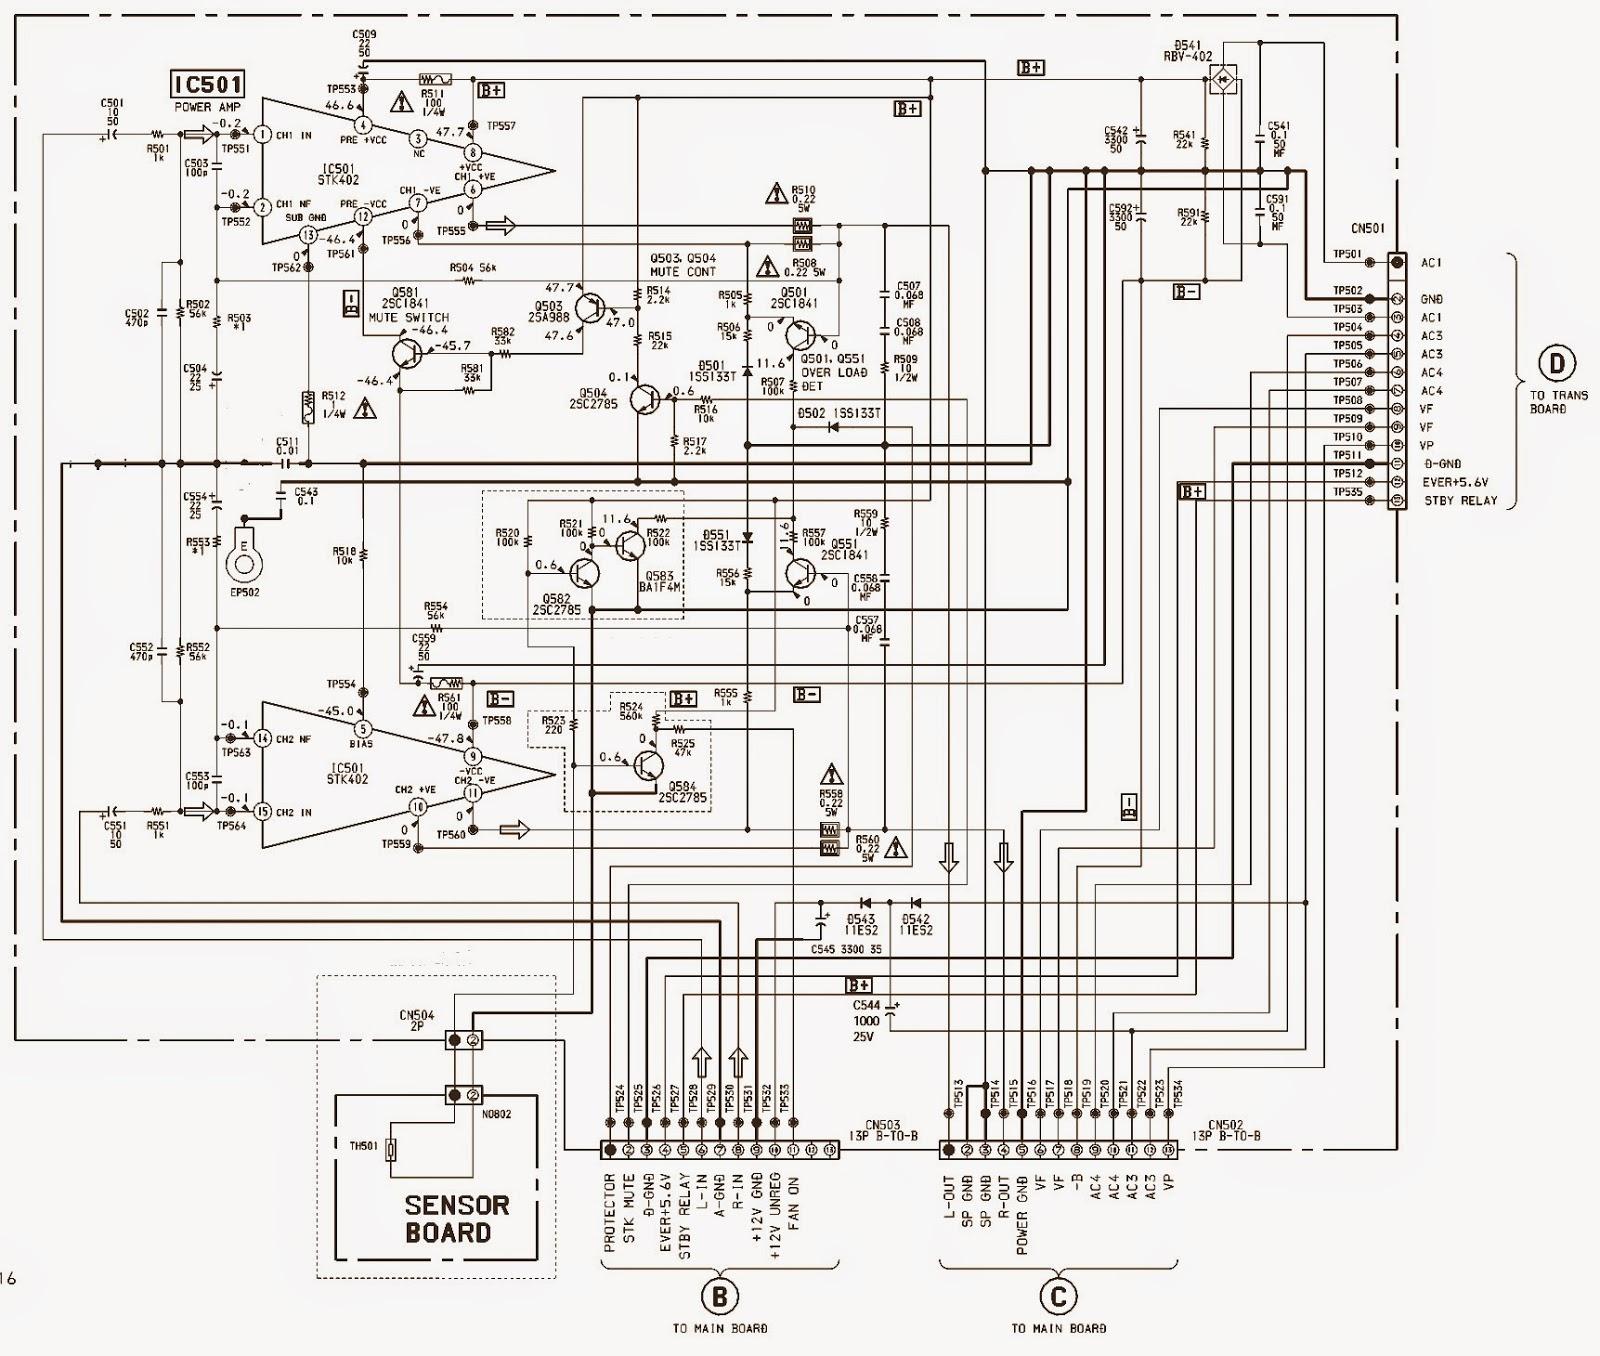 SONY MHC-DX3 – Brazil – POWER AMPLIFIER SCHEMATIC – STK - 402 ...